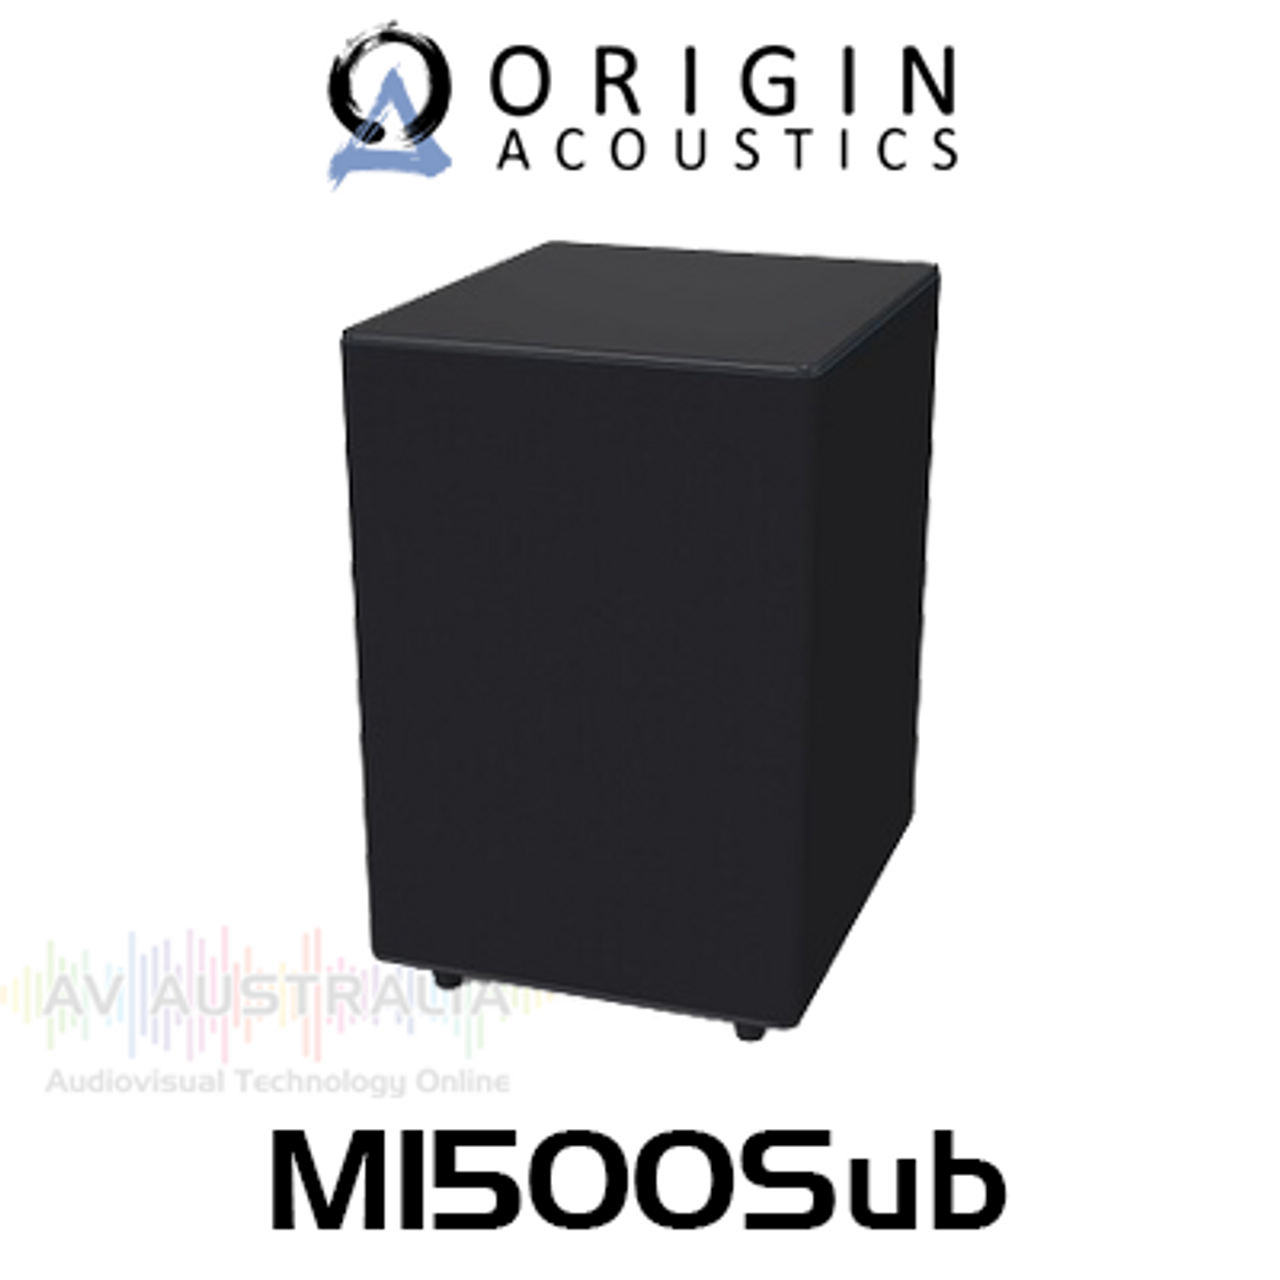 """Origin Acoustics Marquee M1500Sub 15"""" Passive Subwoofer"""